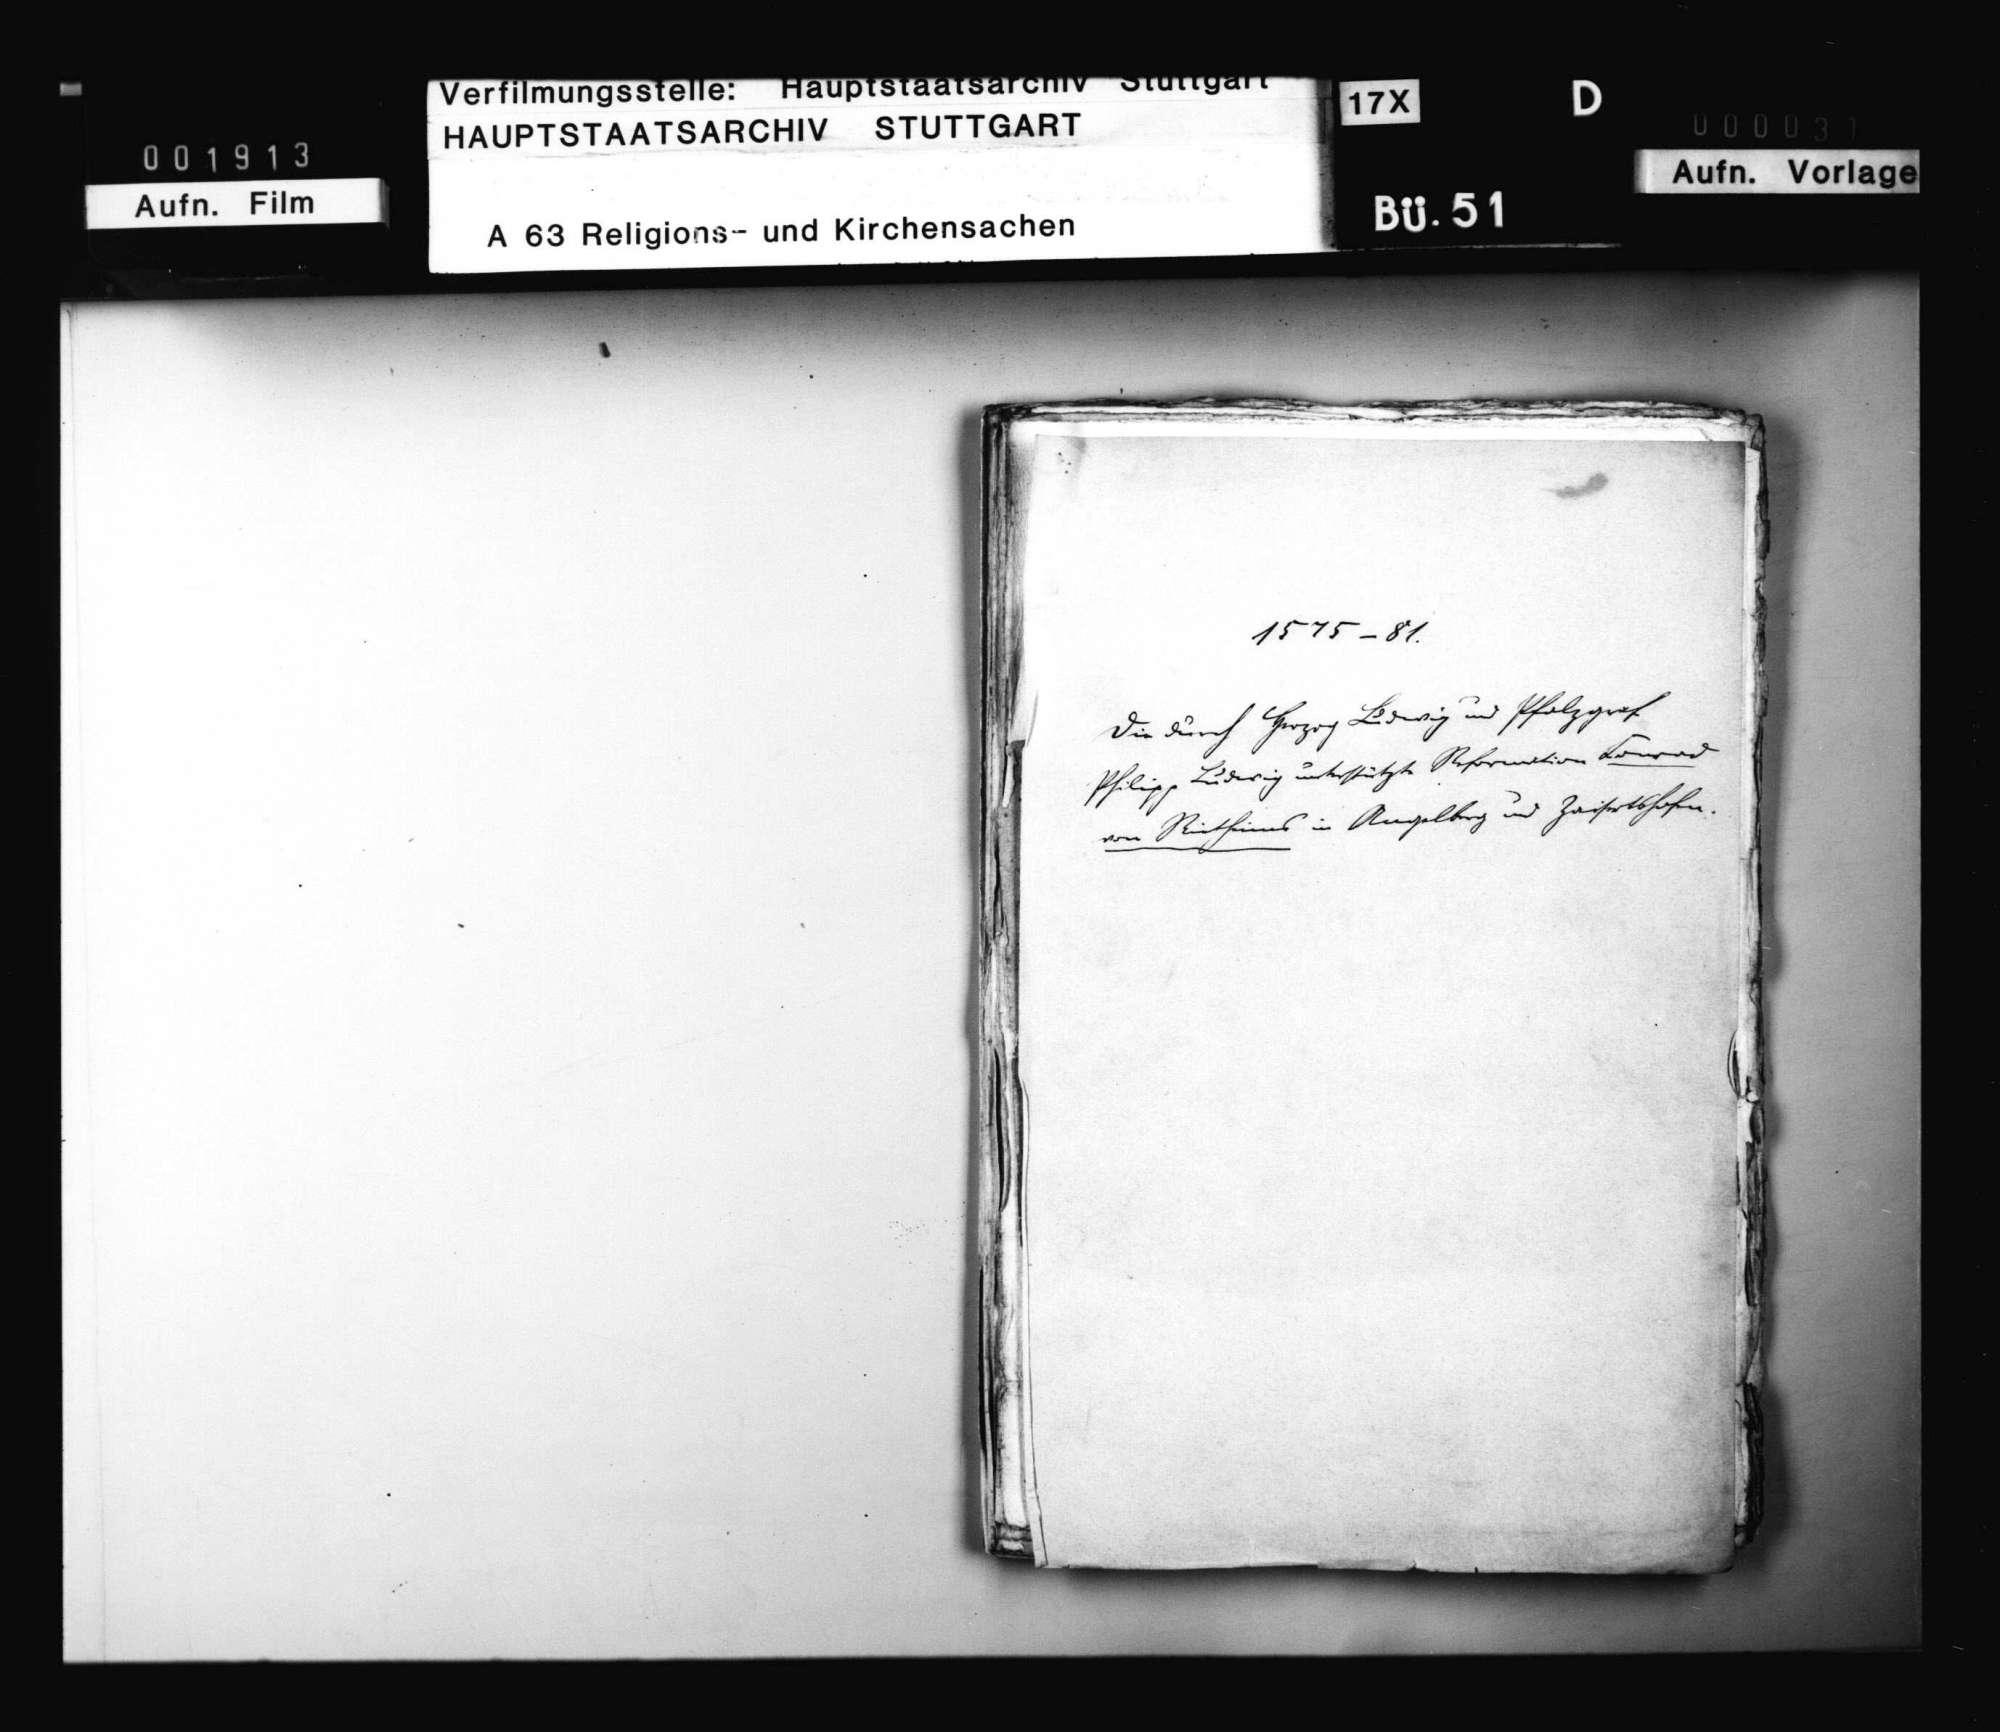 Schriften, betreffend die Unterstützung der Reformation des Conrad von Rietheim in Angelberg und Zaisertshofen durch Herzog Ludwig und Pfalzgraf Philipp Ludwig, Bild 2